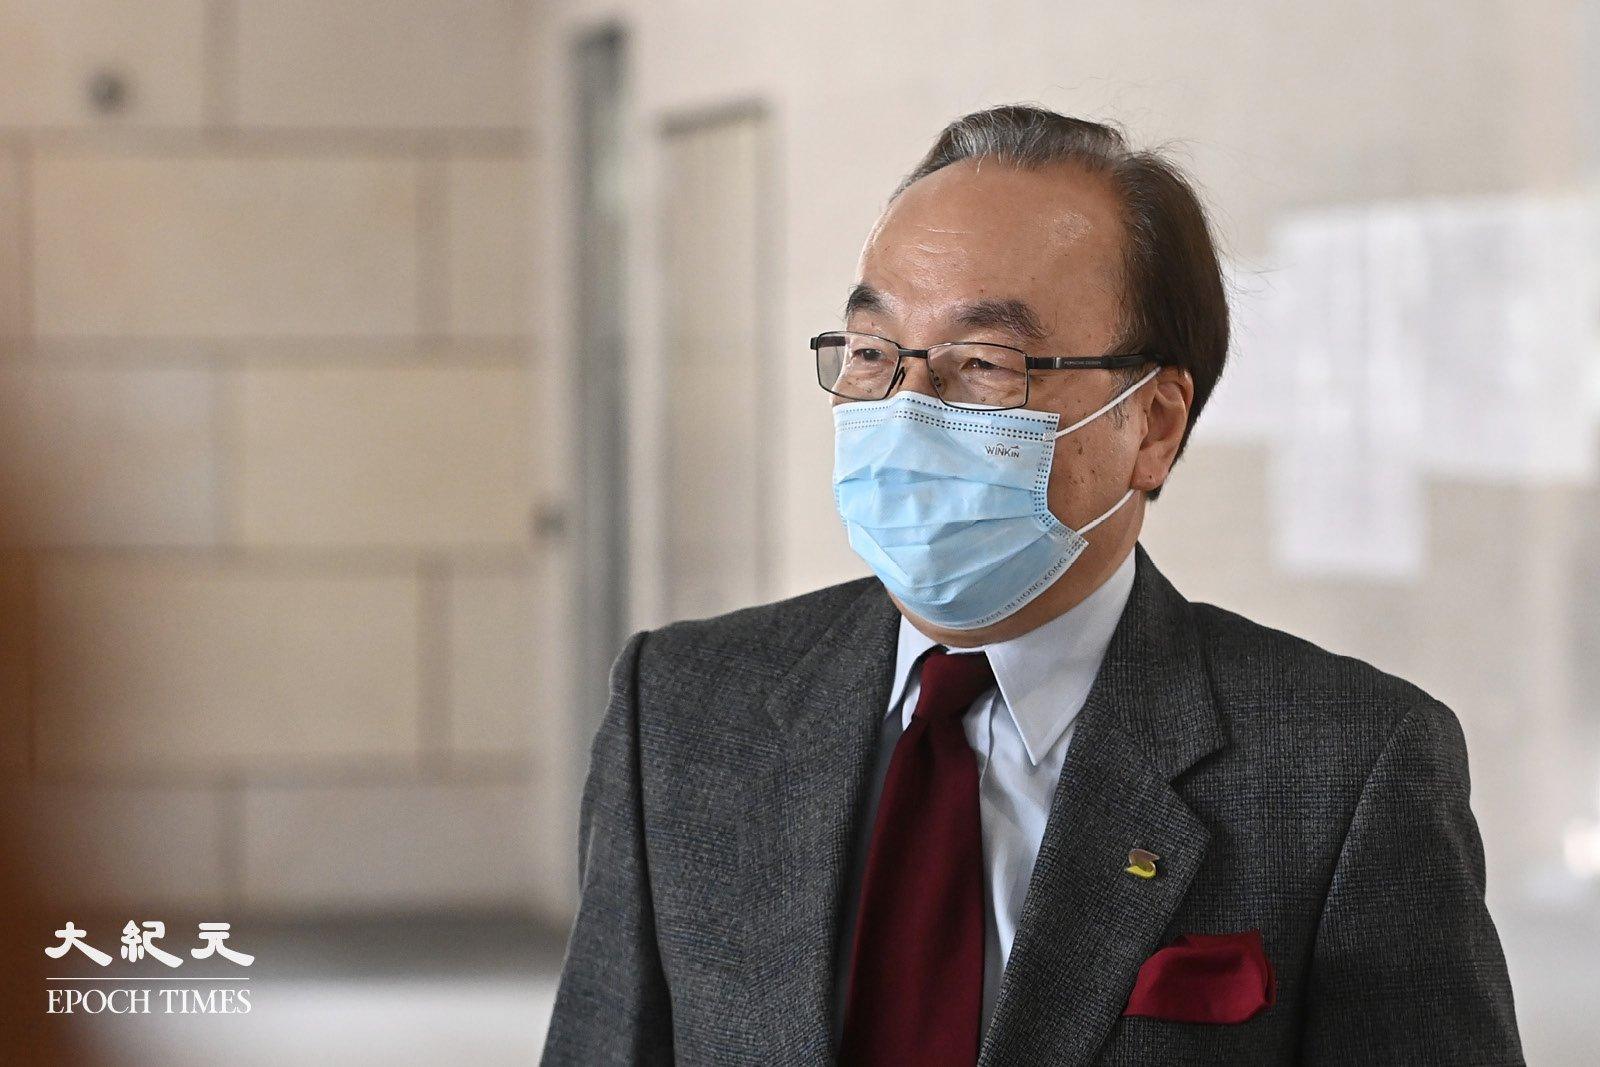 公民黨主席、資深大律師梁家傑到法院旁聽聲援。(宋碧龍/大紀元)